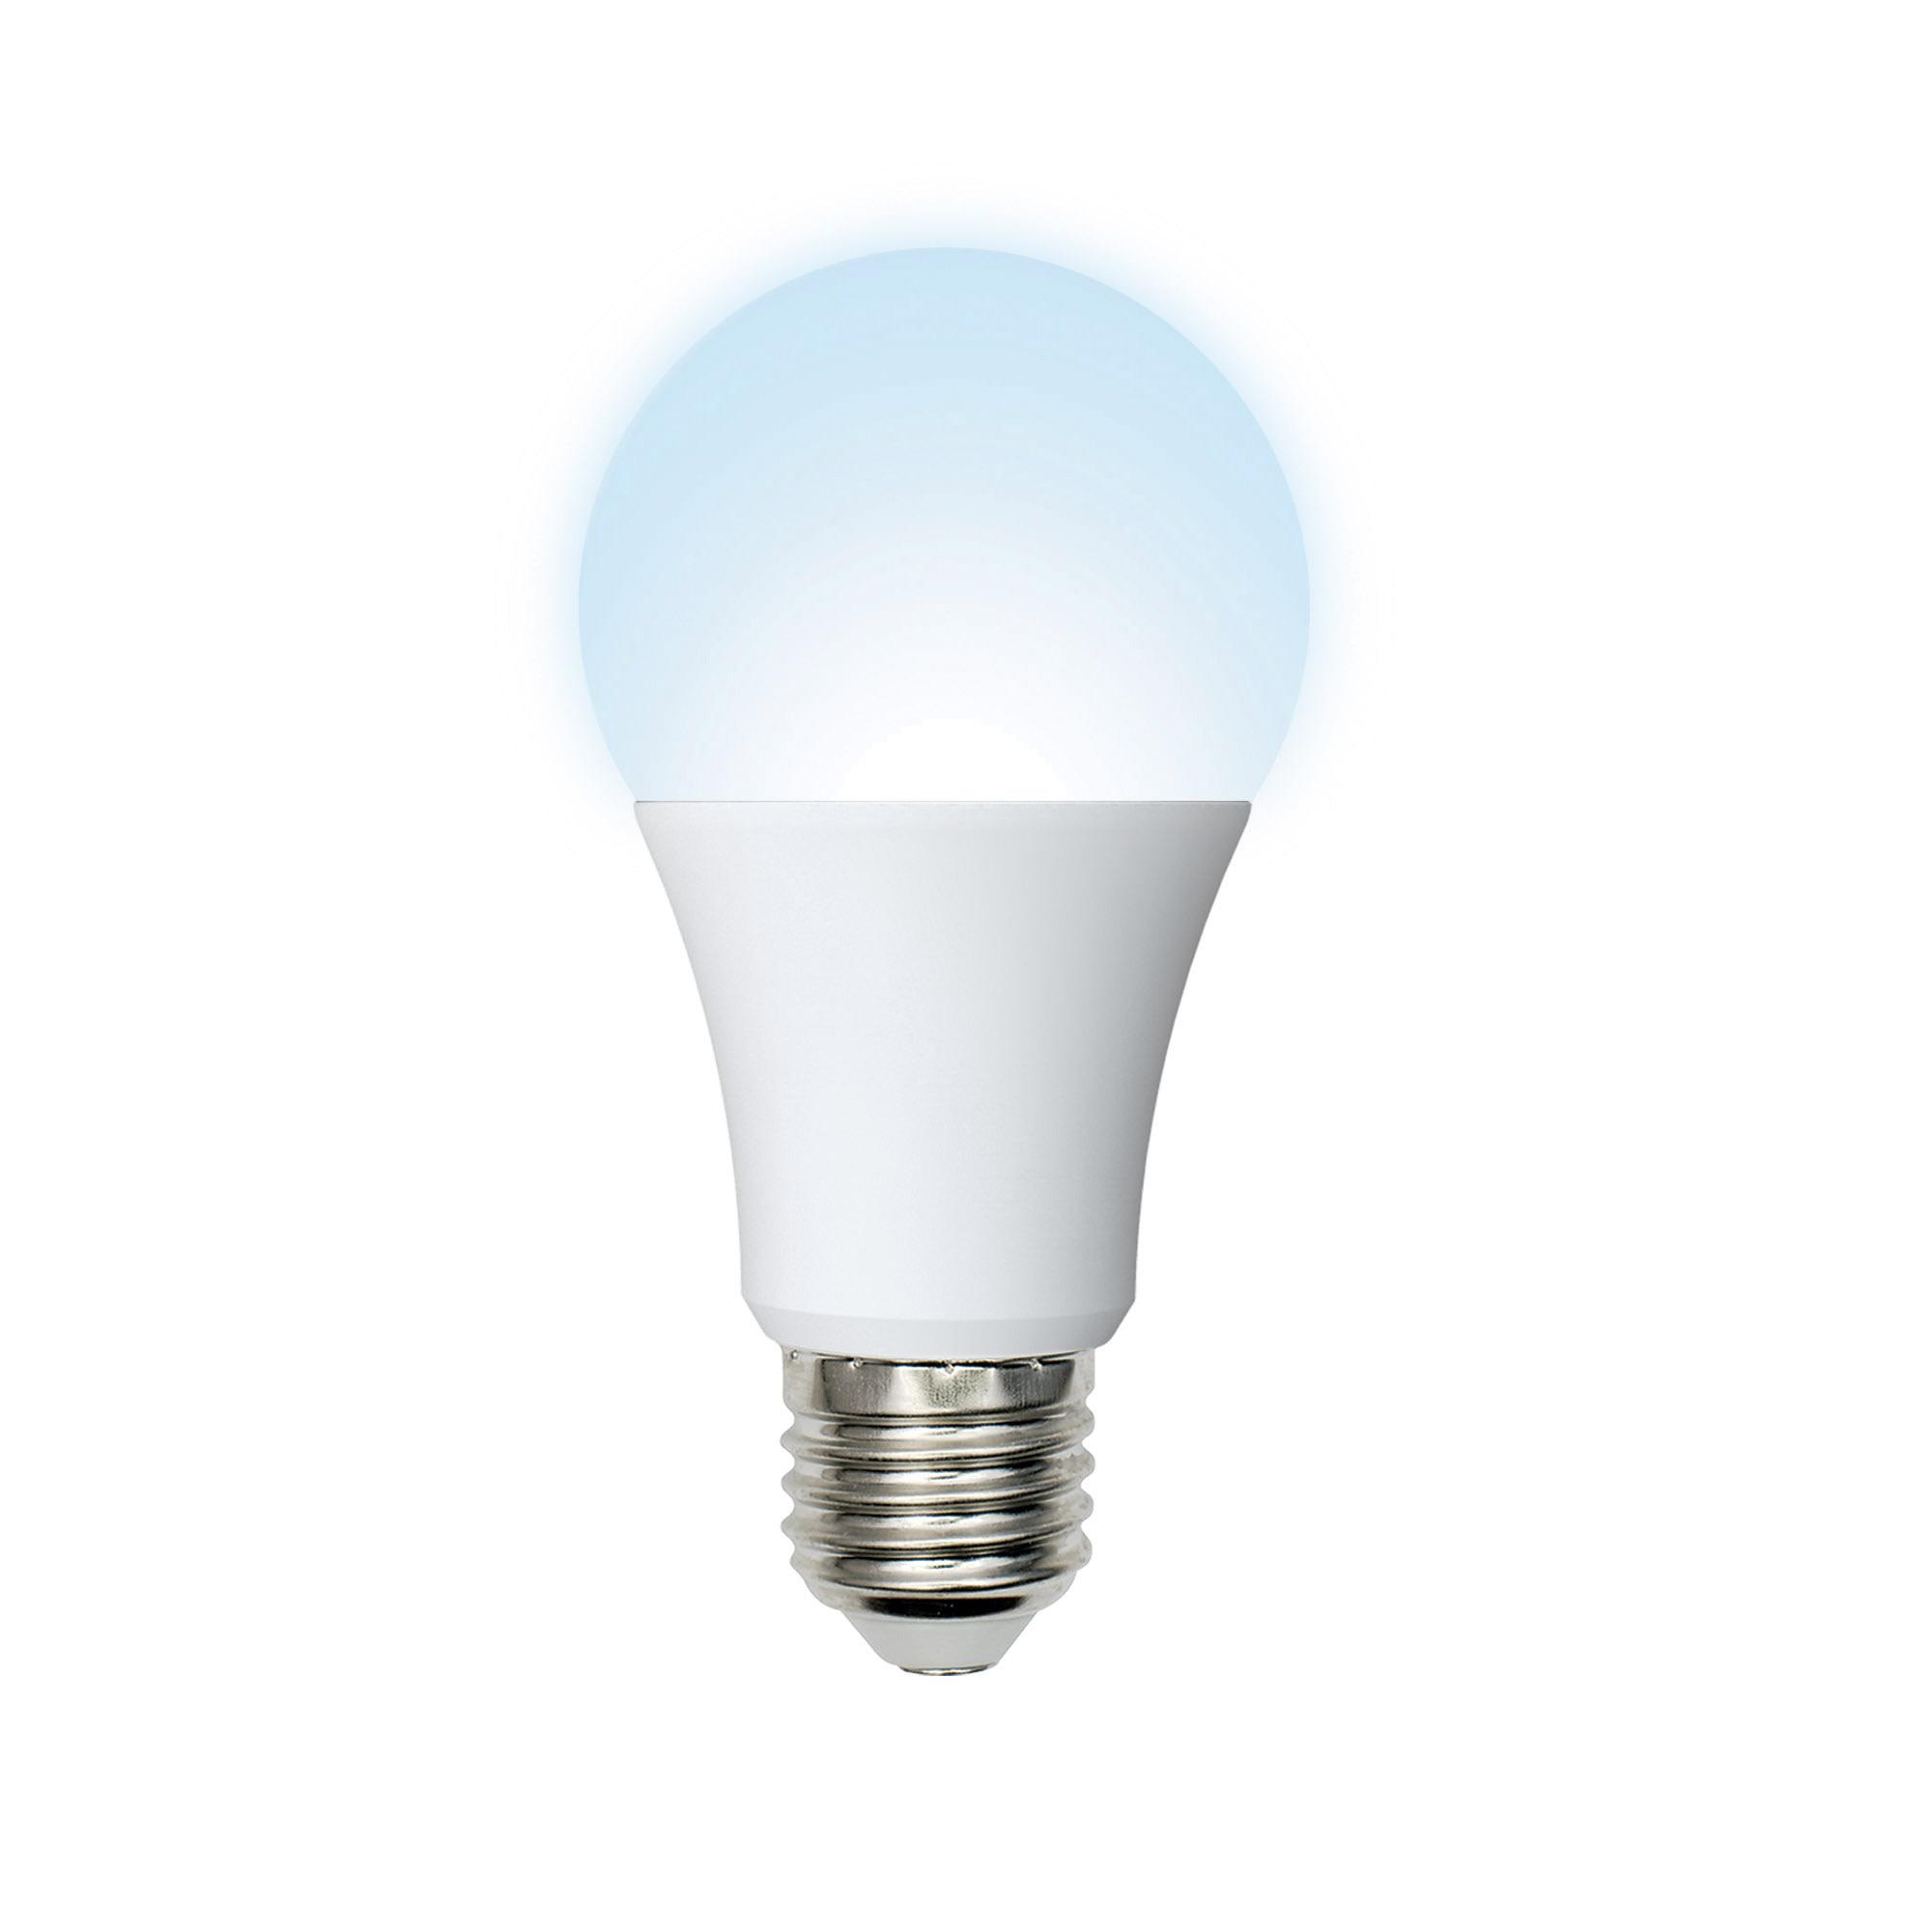 Лампа светодиодная Norma E27 220 В 9 Вт груша матовая 720 лм холодный белый свет